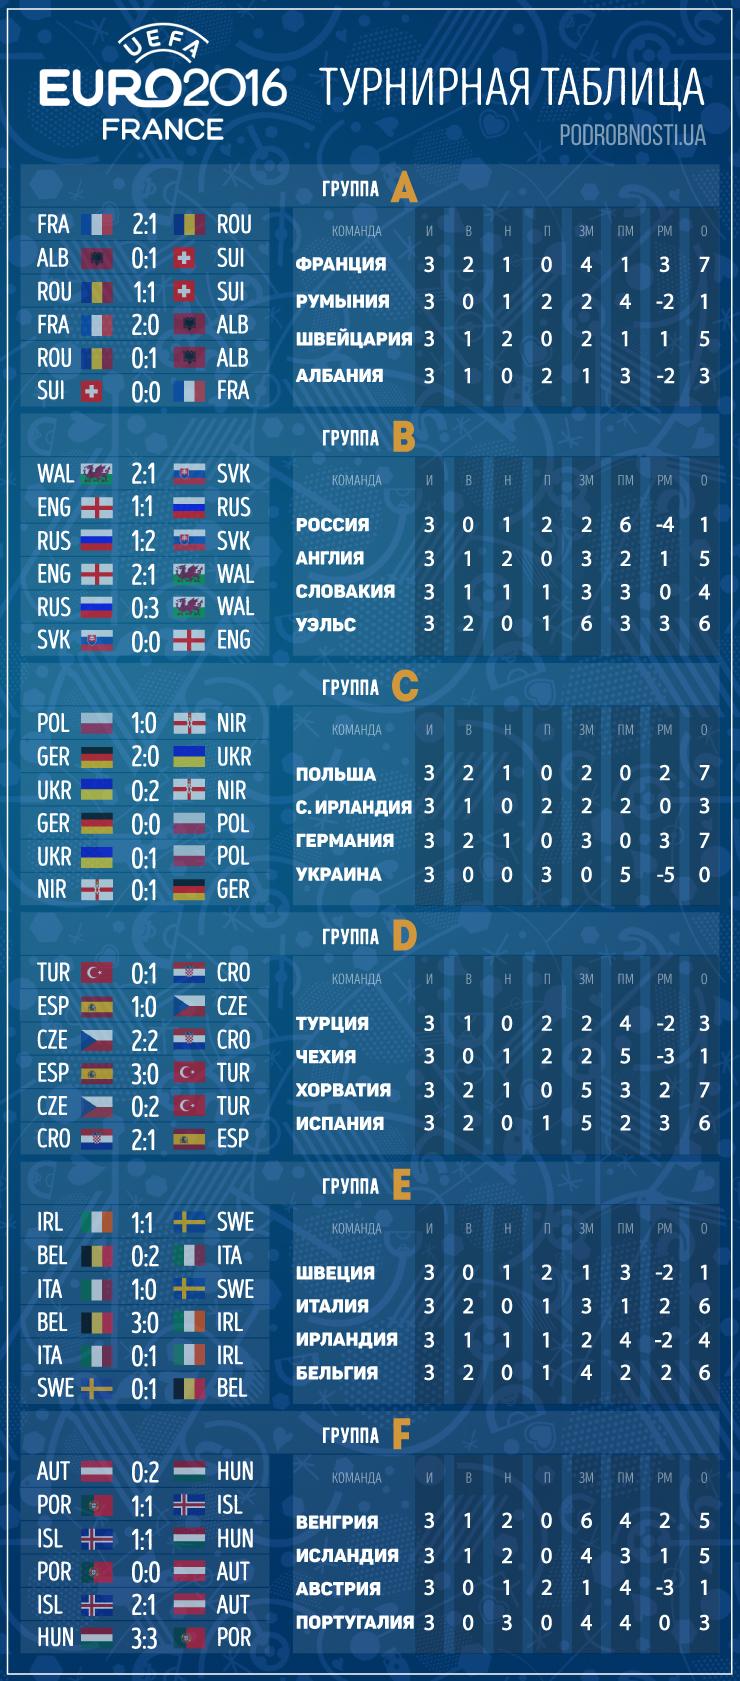 Футбол сборная россии евро 2 17 расписание матчей таблица